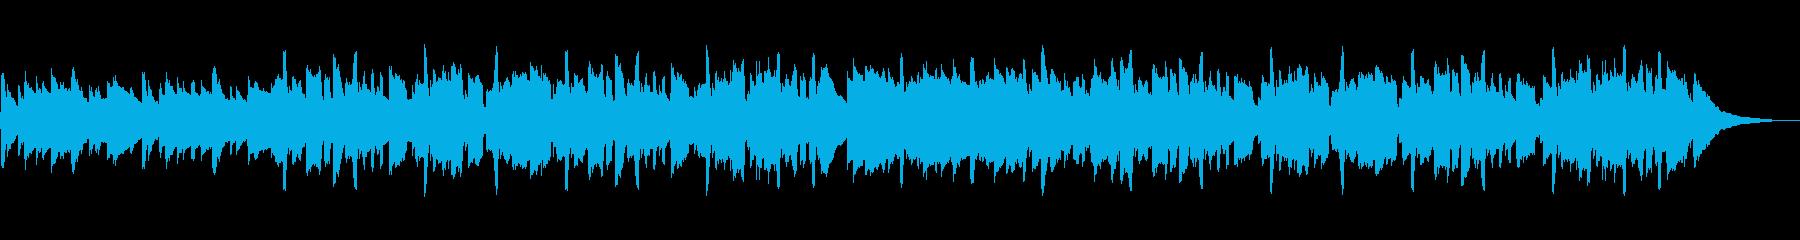 始まりのような穏やかで優しいケルトBGMの再生済みの波形